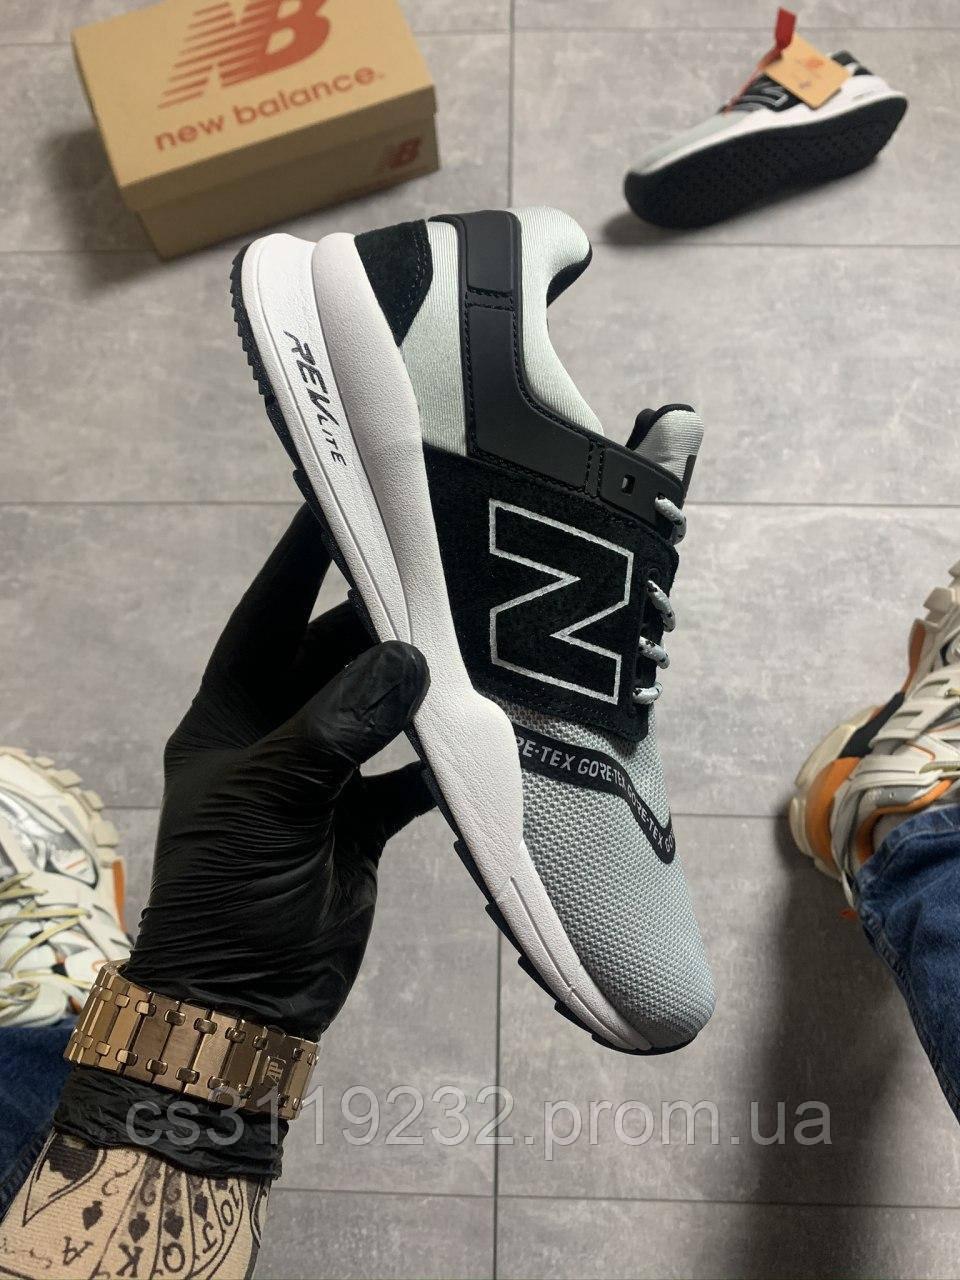 Мужские кроссовки New Balance 247 Balck Light Grey (серые)